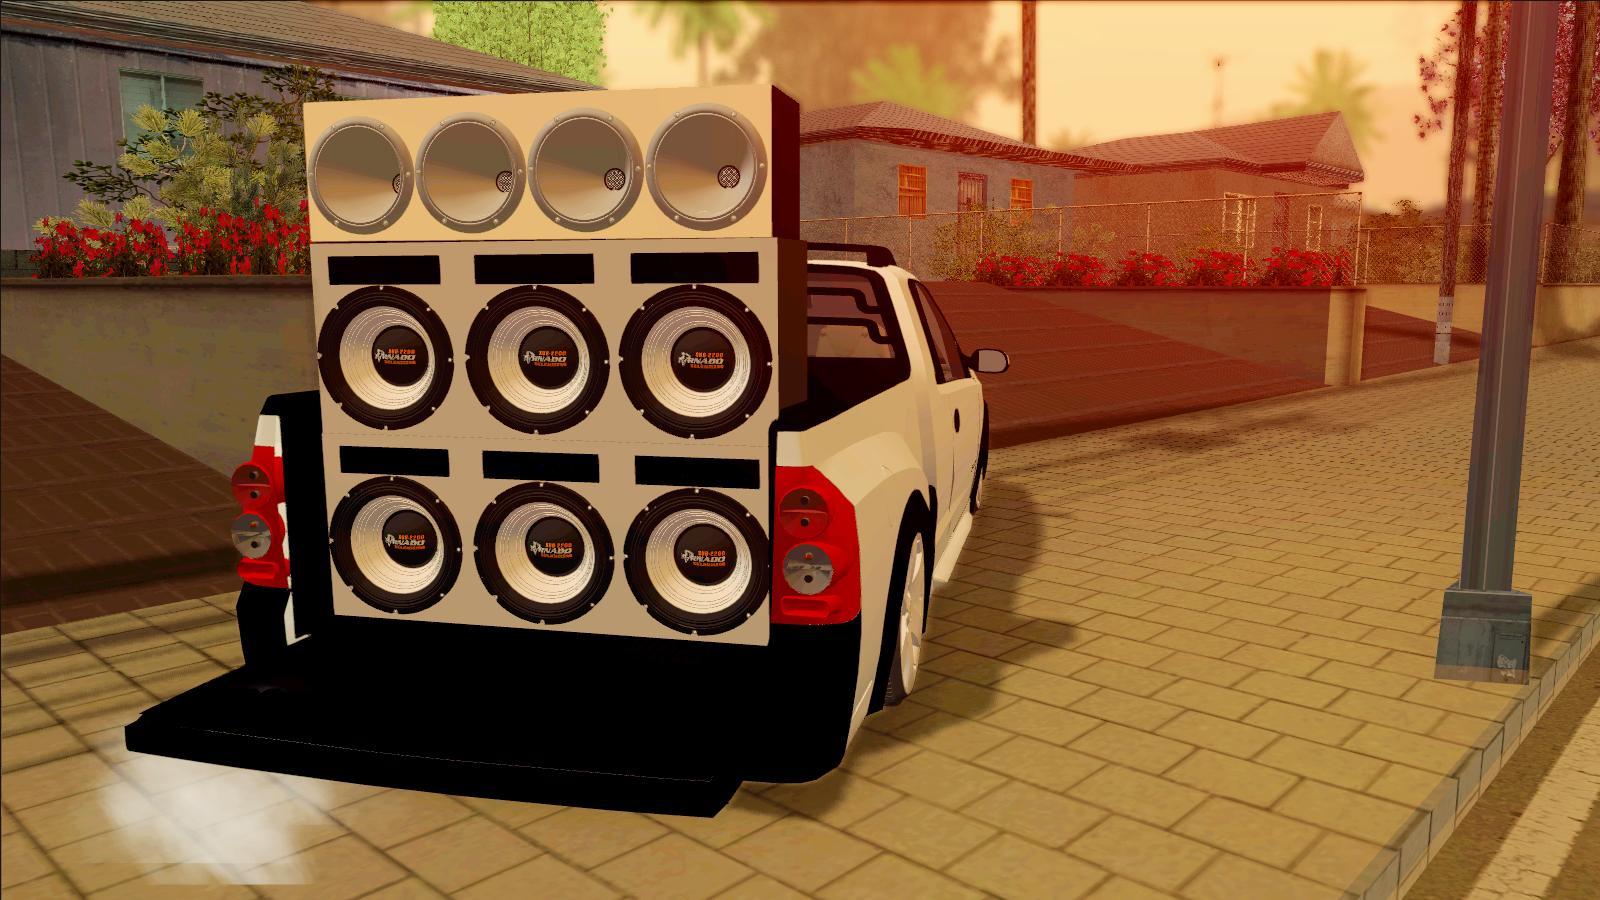 MP3 DE AUTOMOTIVO PALCO 2013 BAIXAR MUSICAS SOM